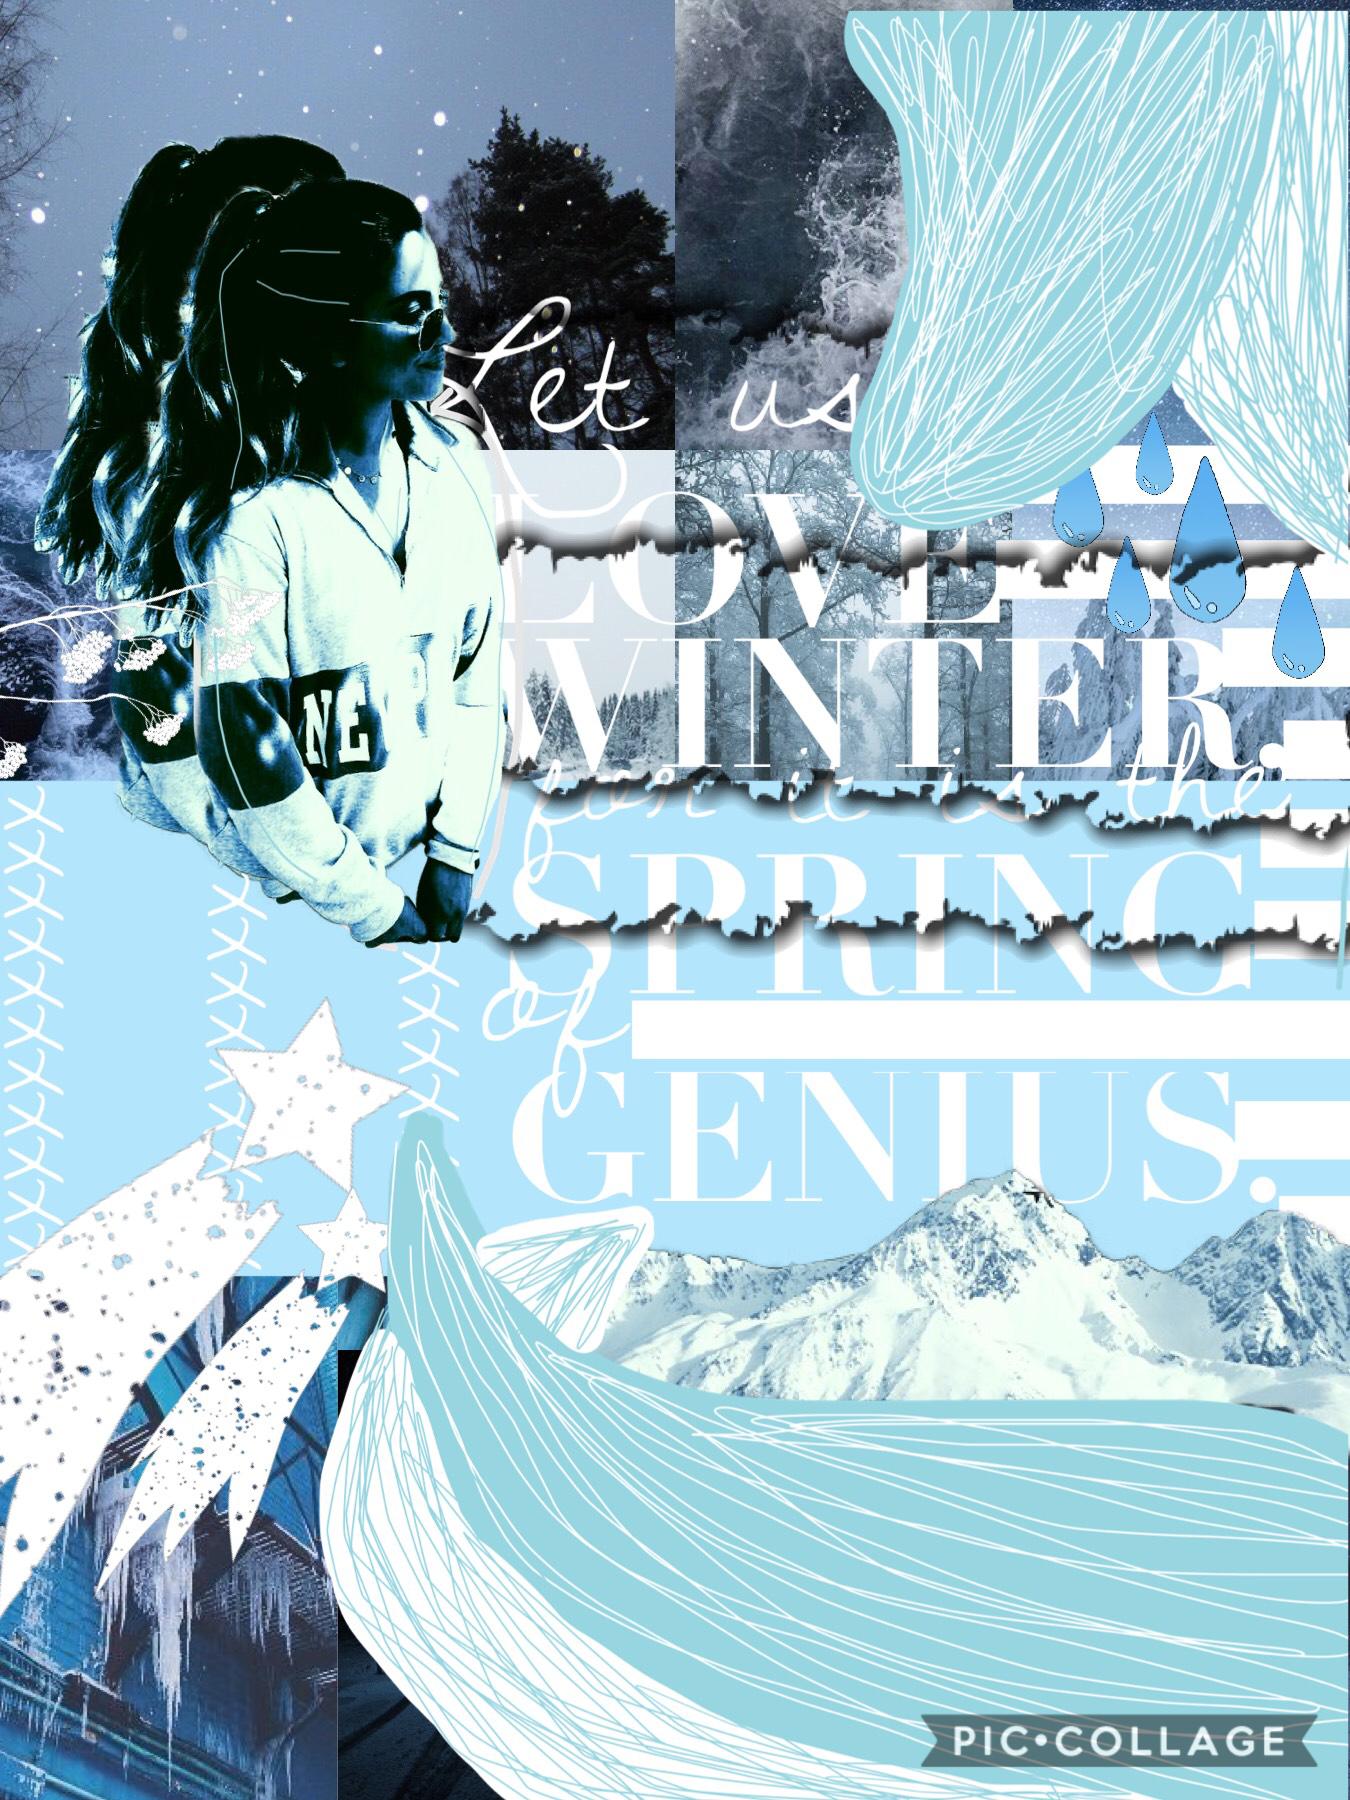 Collage by av-id